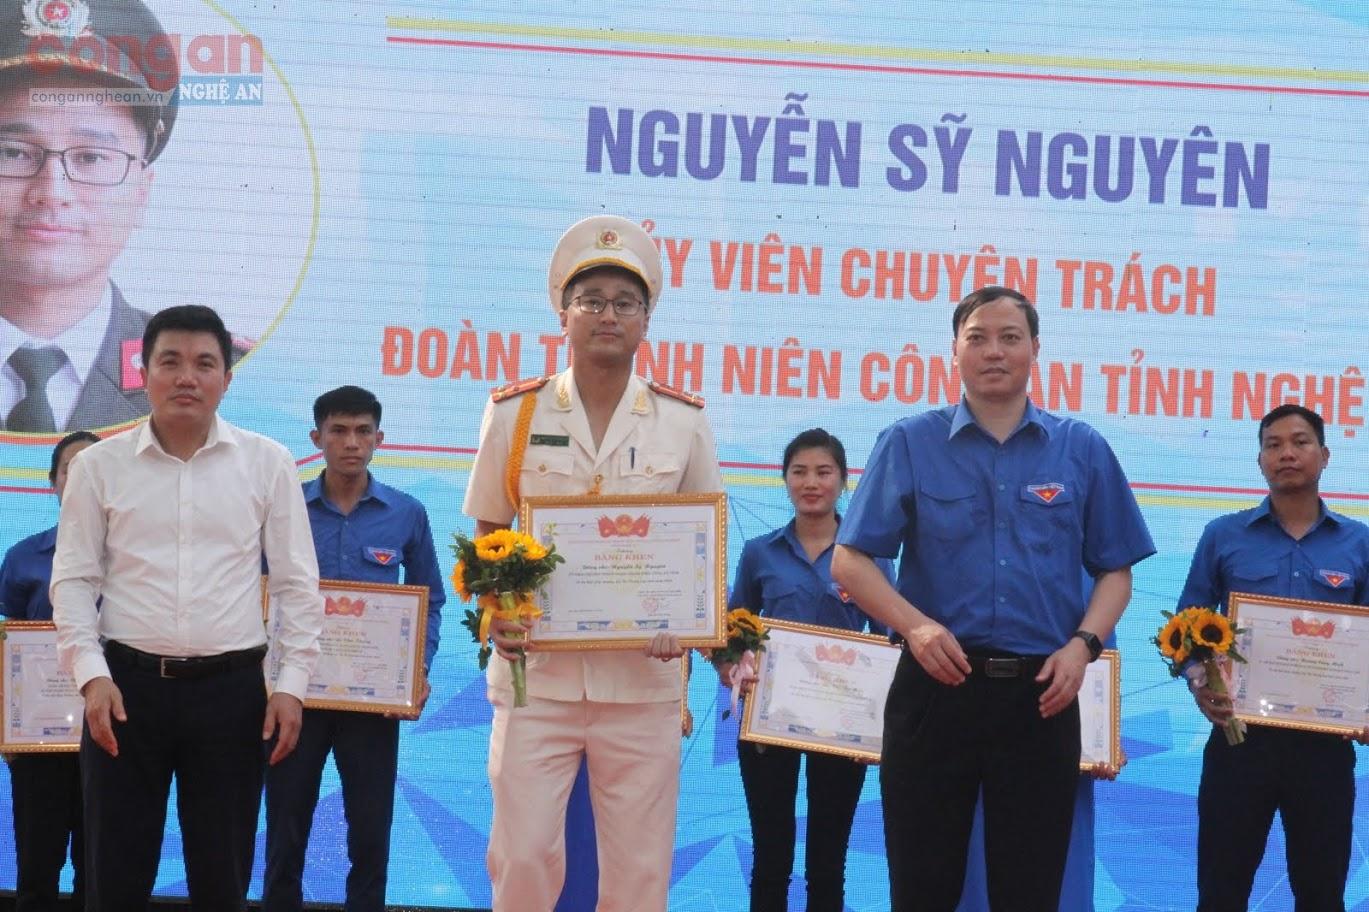 Thượng úy Nguyễn Sỹ Nguyên, Ủy viên chuyên trách, Đoàn Thanh niên Công an tỉnh nhận giải thưởng Lý Tự Trọng cấp tỉnh năm 2020.